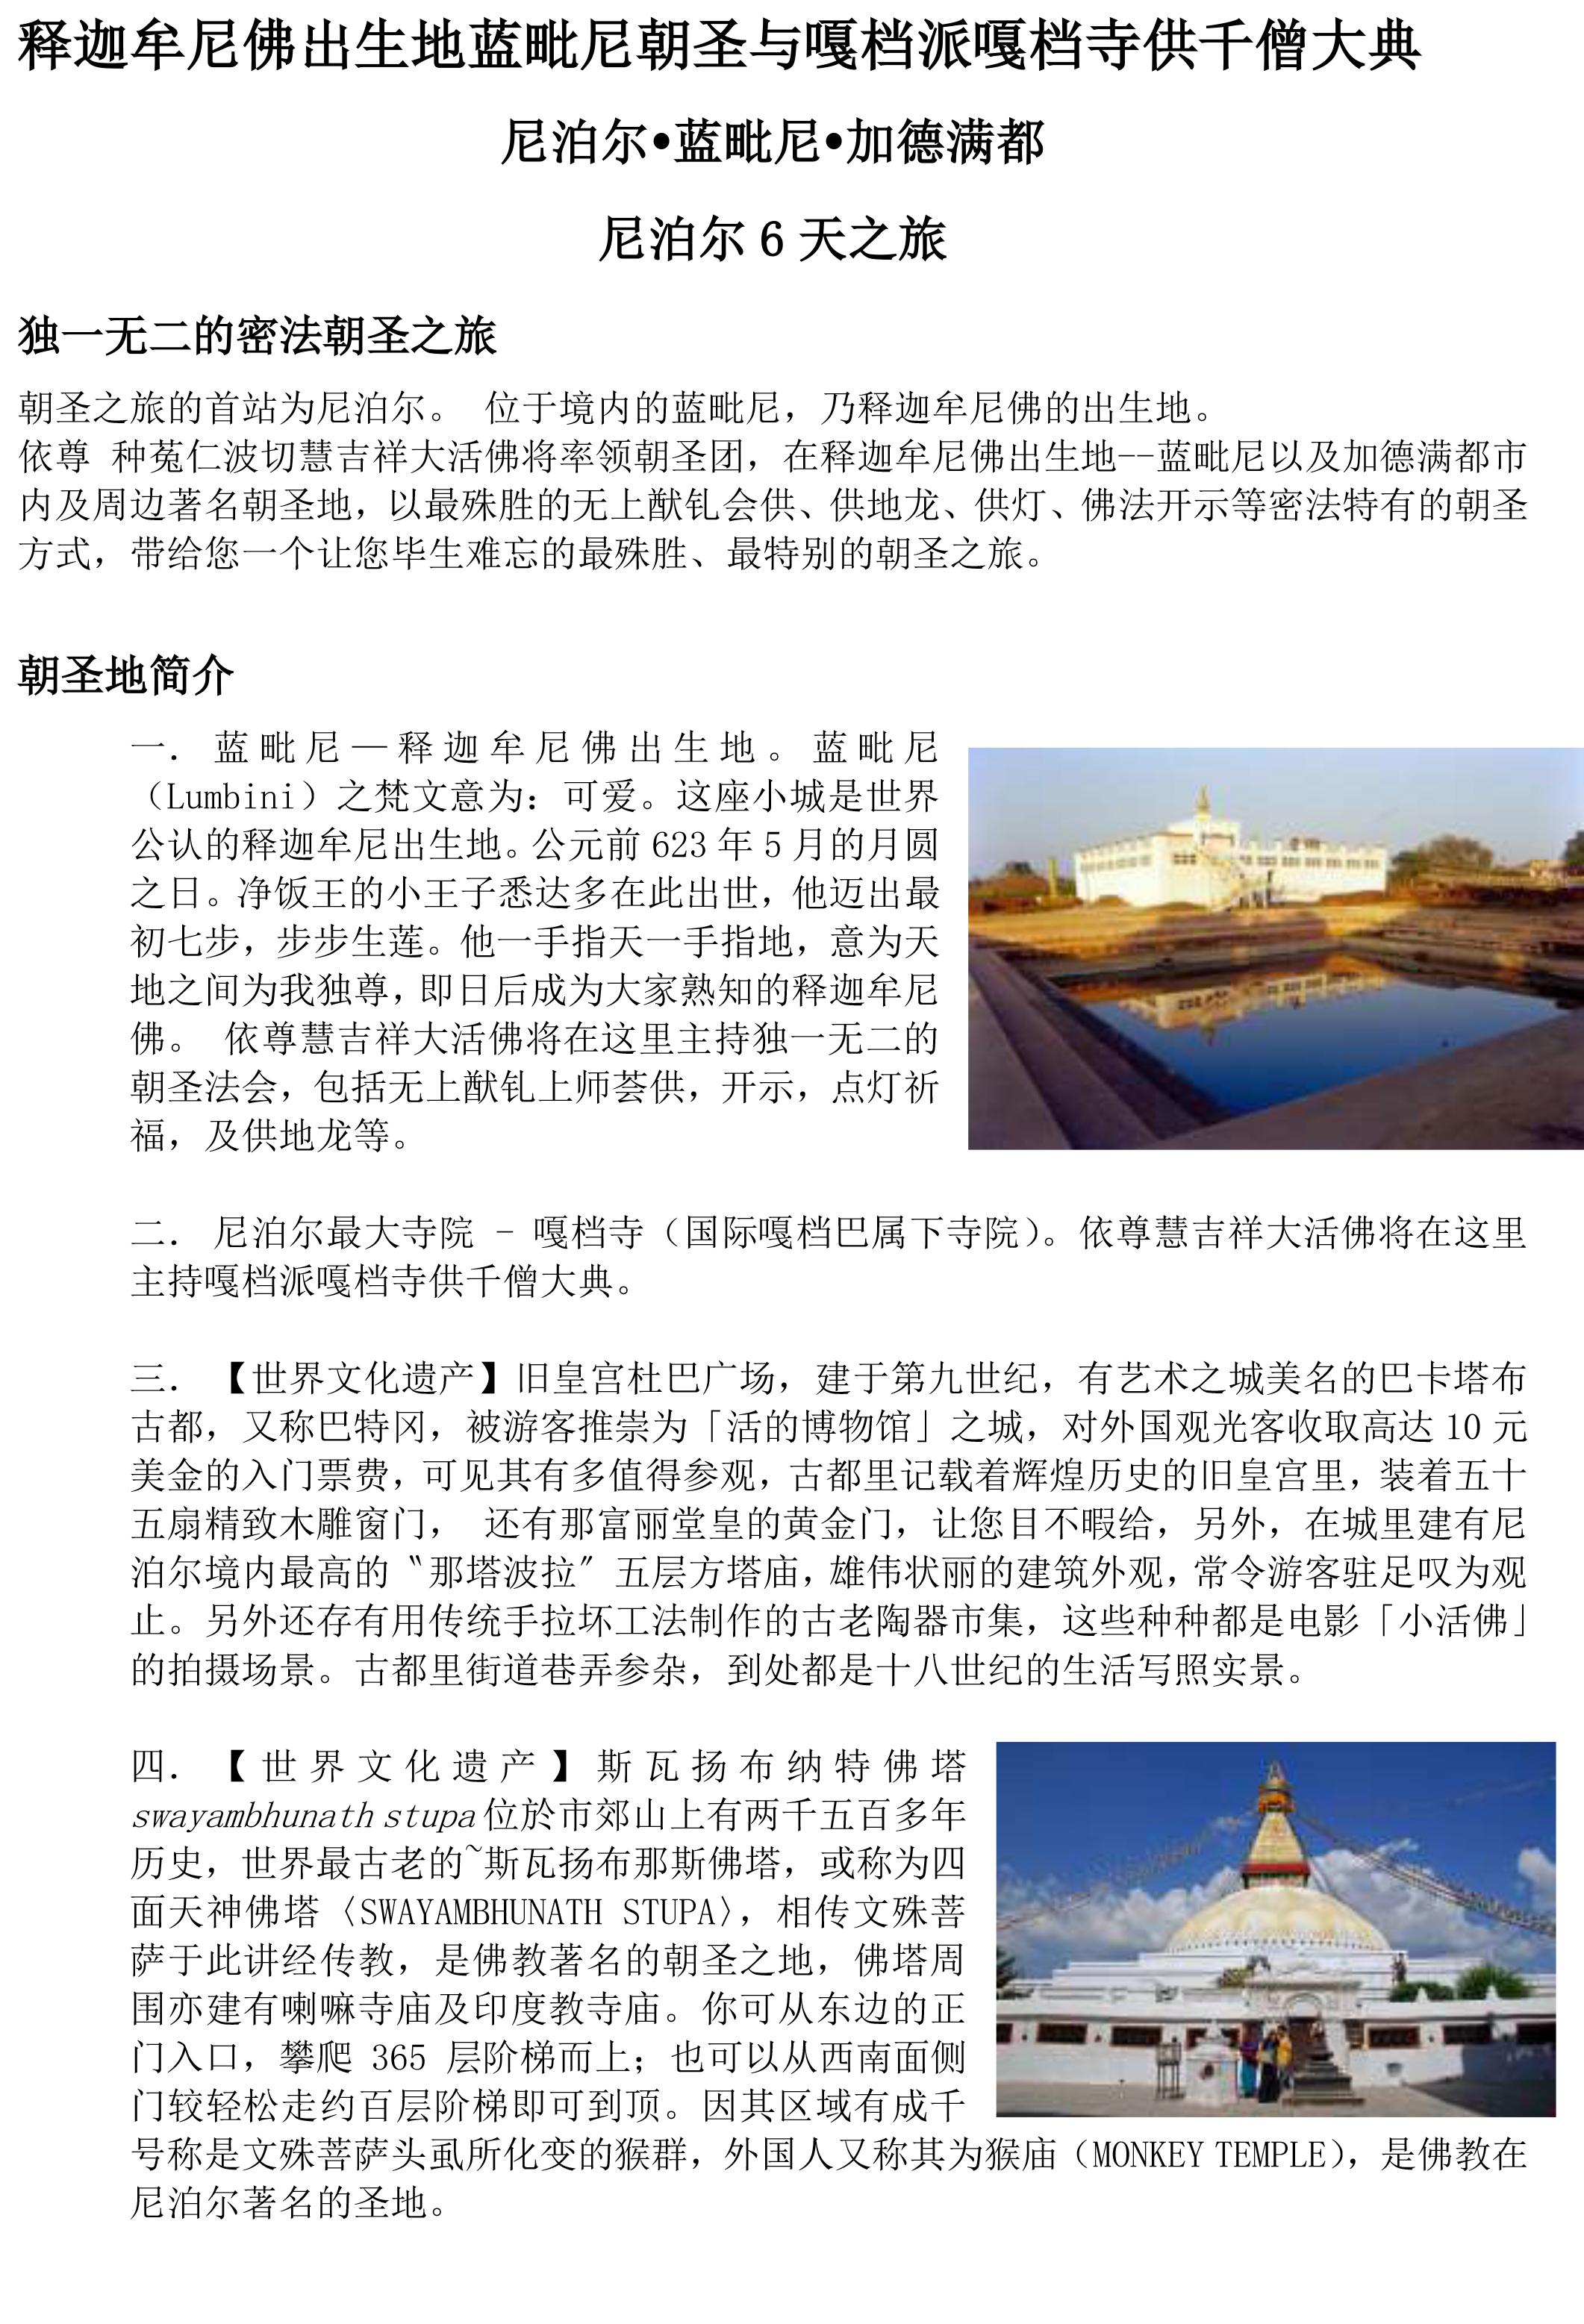 追寻佛陀的足迹—佛祖四大圣迹朝圣之旅